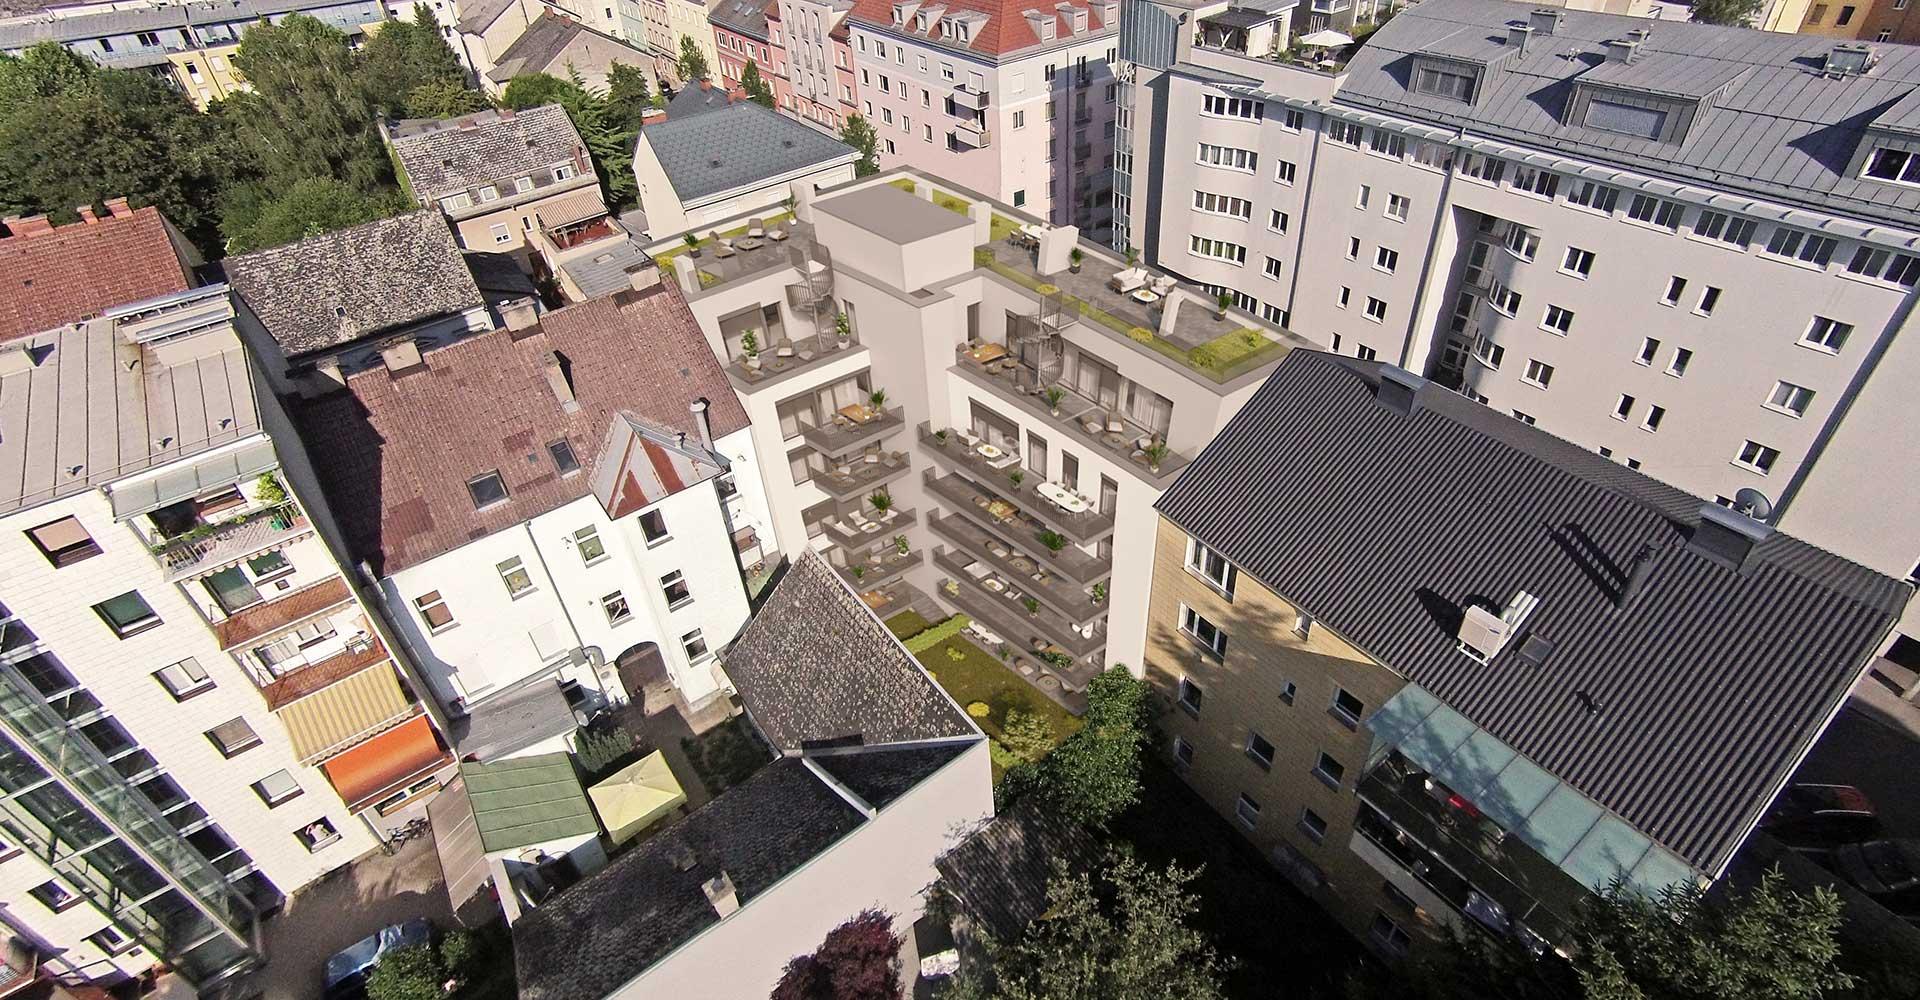 Objekt Schillerstrasse Linz Innenhof